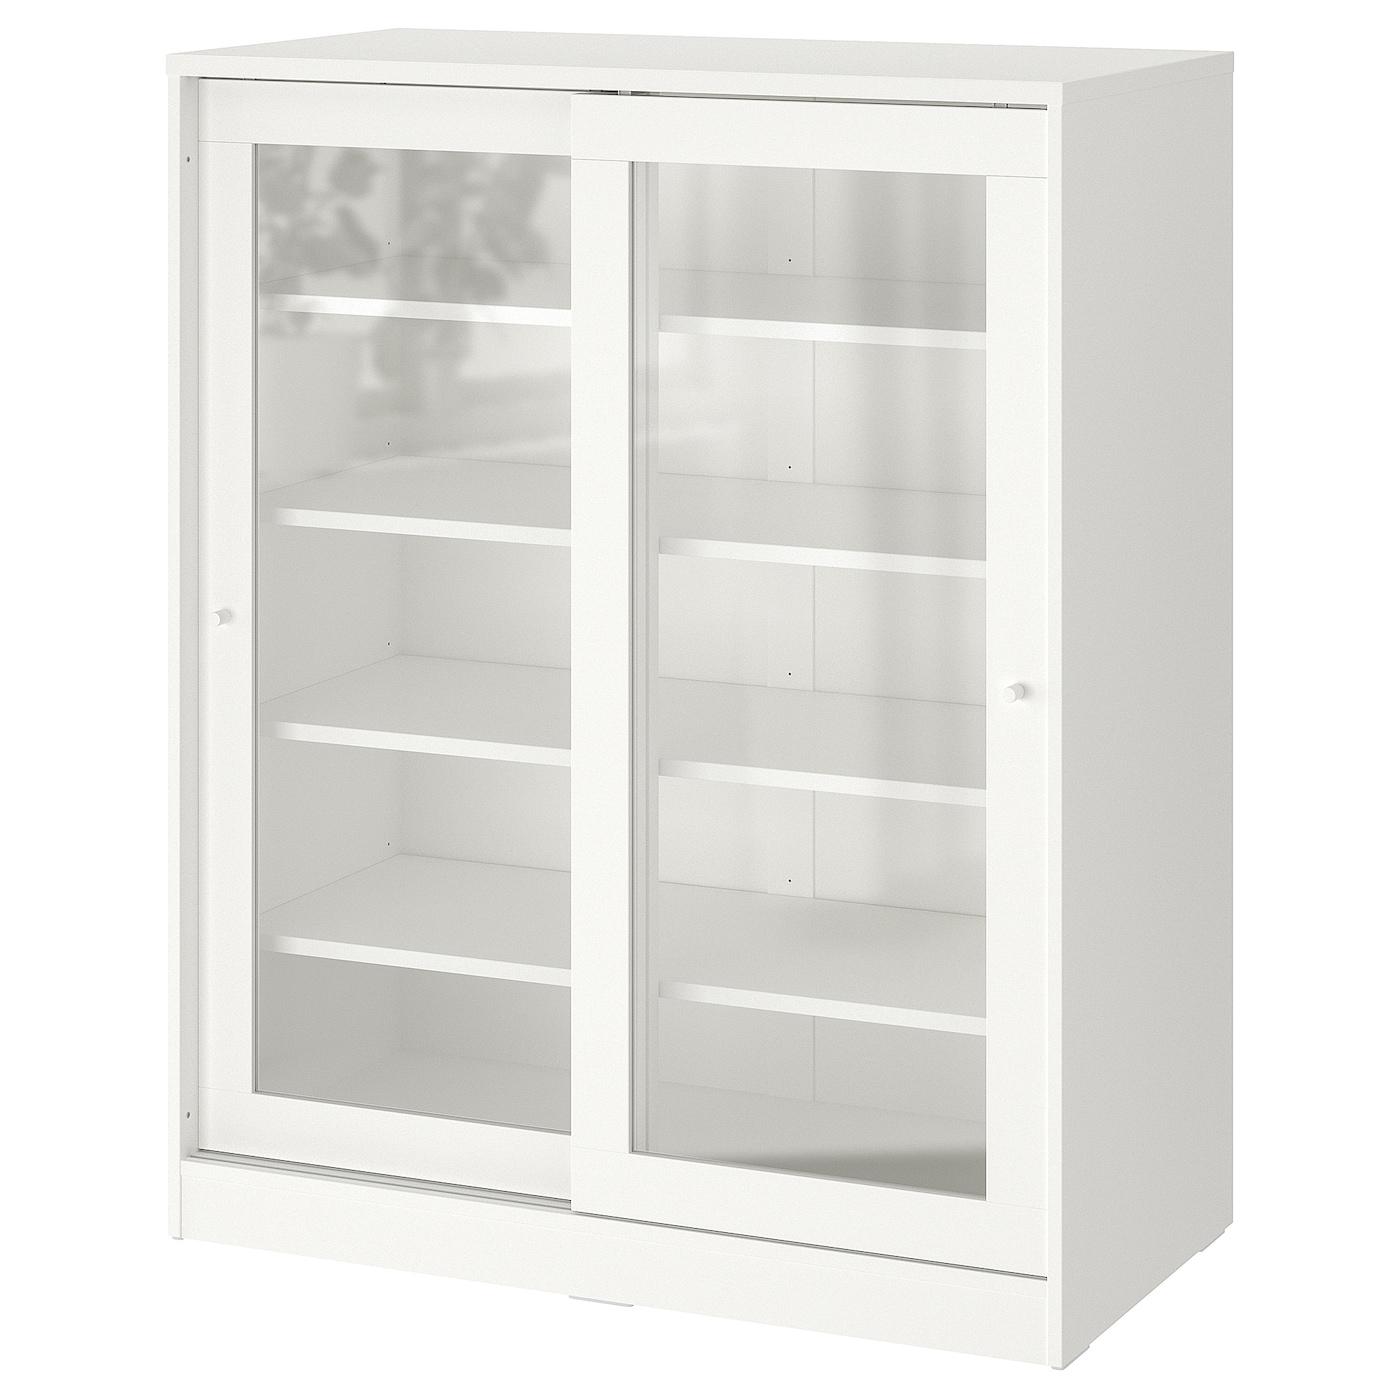 SYVDE Schrank mit Vitrinentüren   weiß 12x12 cm